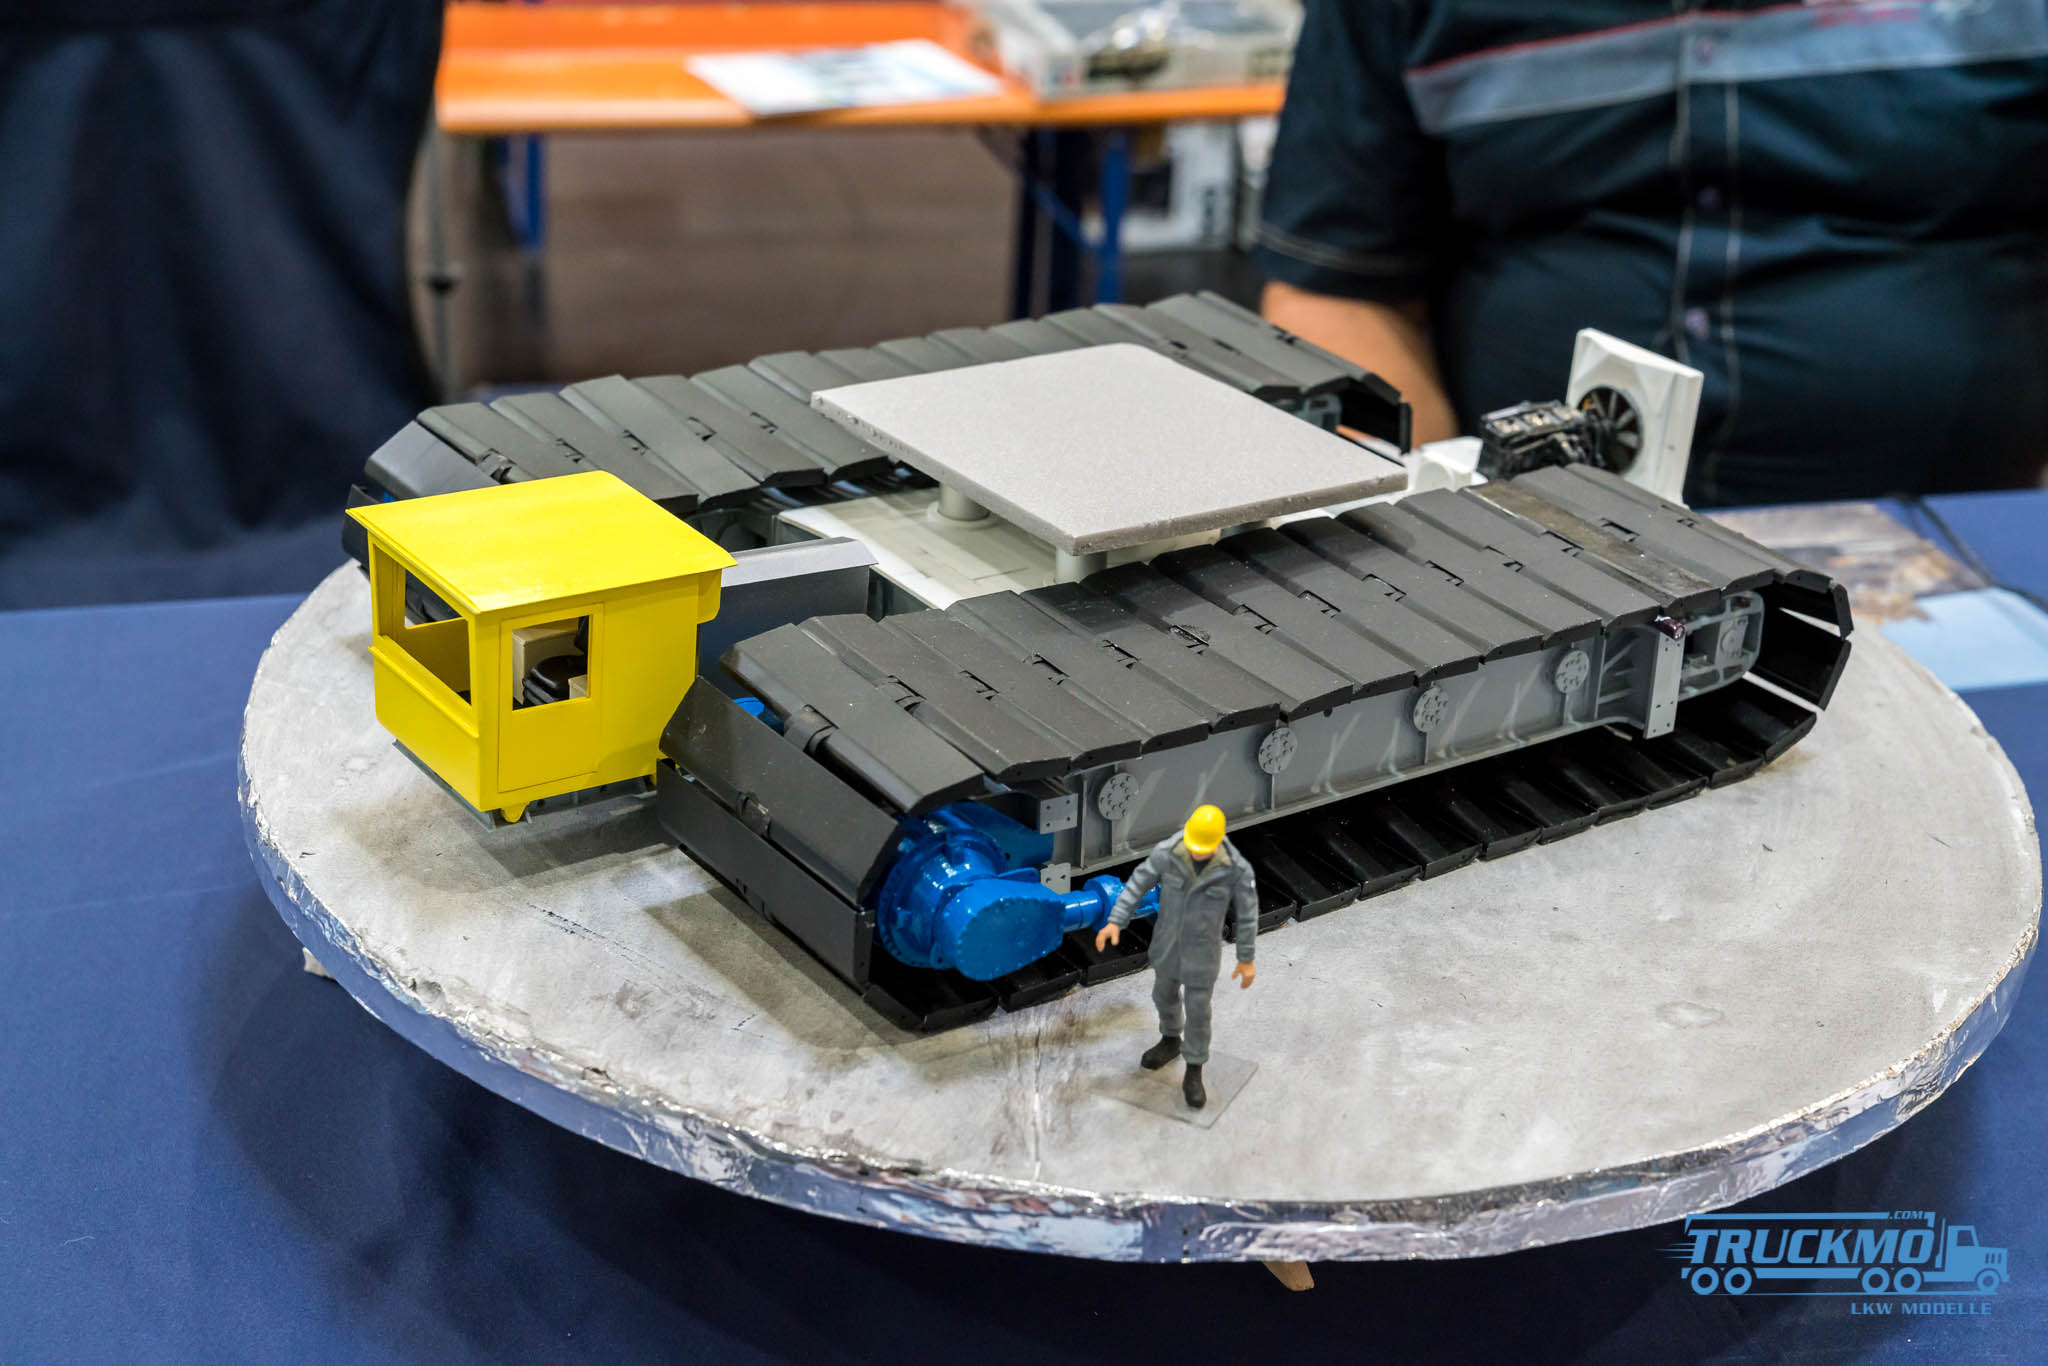 Truckmo_Modellbau_Ried_2017_Herpa_Messe_Modellbauausstellung (341 von 1177)